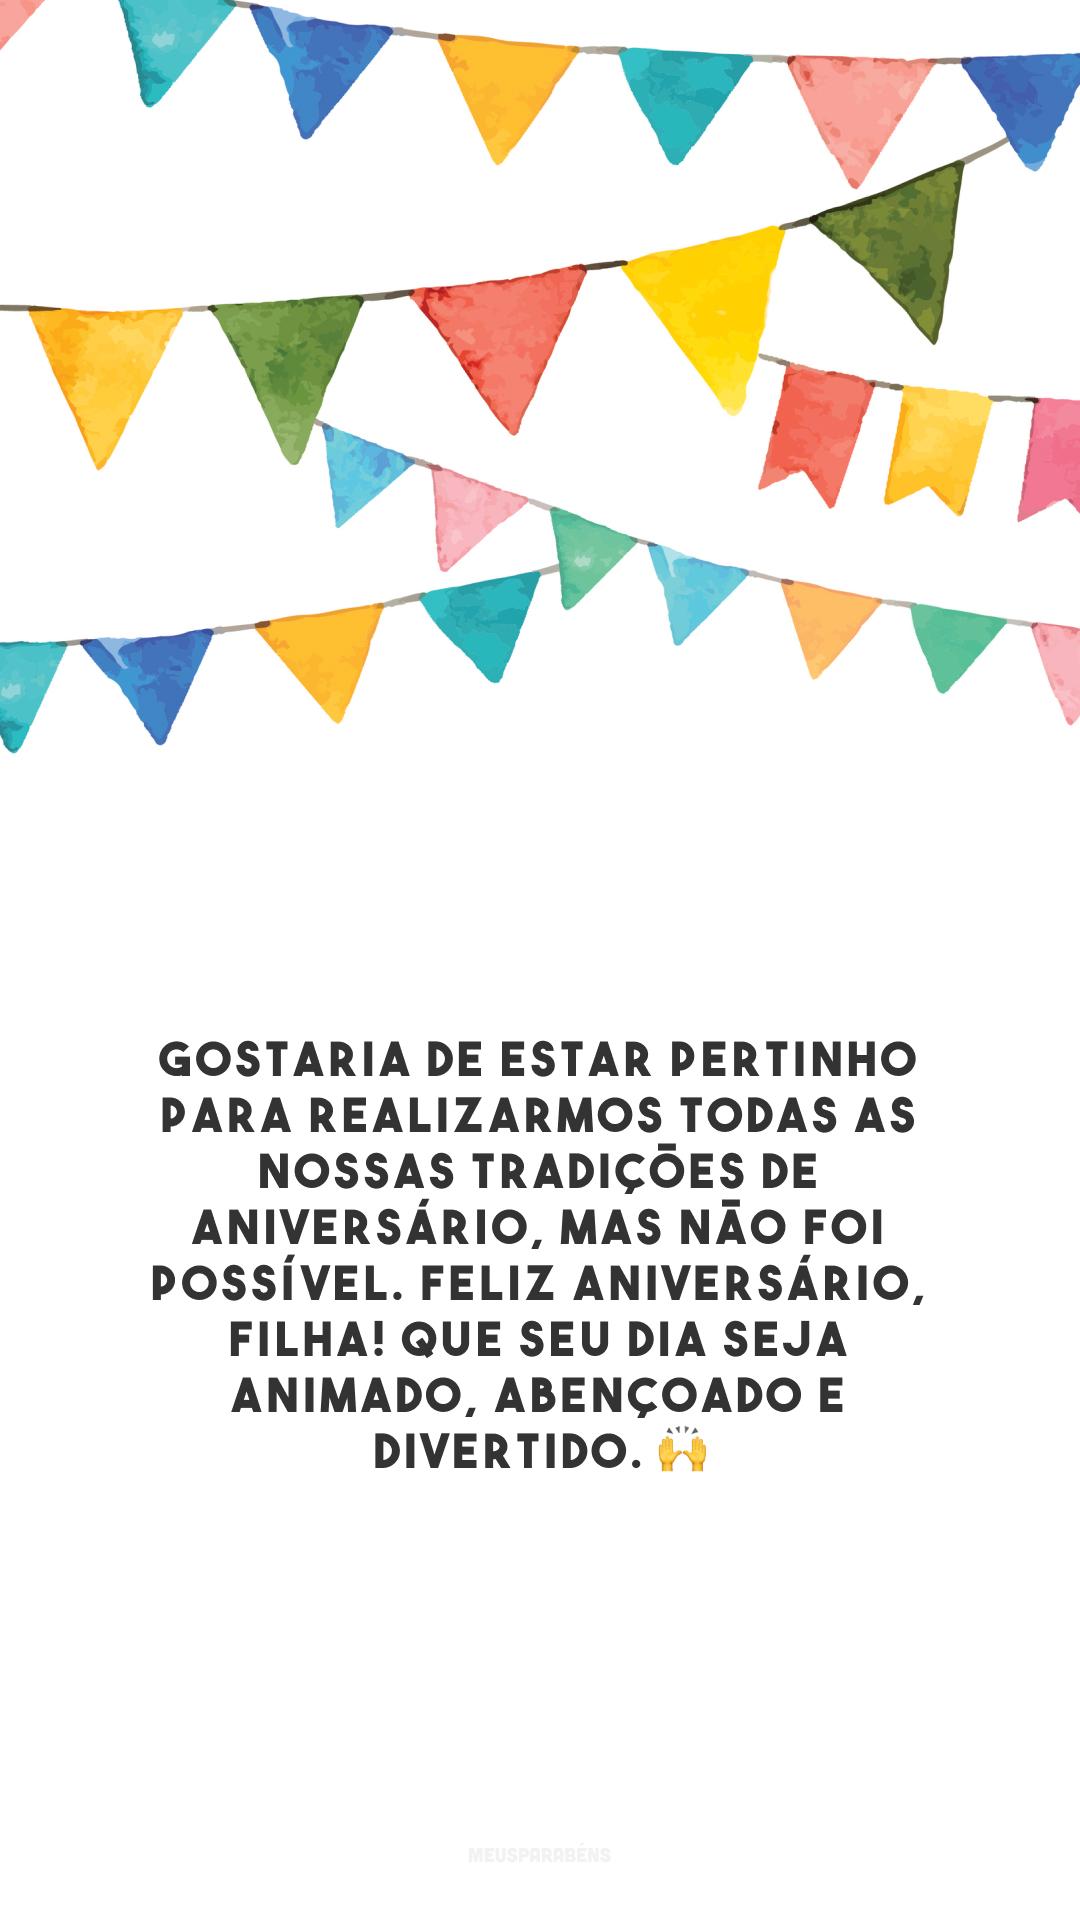 Gostaria de estar pertinho para realizarmos todas as nossas tradições de aniversário, mas não foi possível. Feliz aniversário, filha! Que seu dia seja animado, abençoado e divertido. 🙌